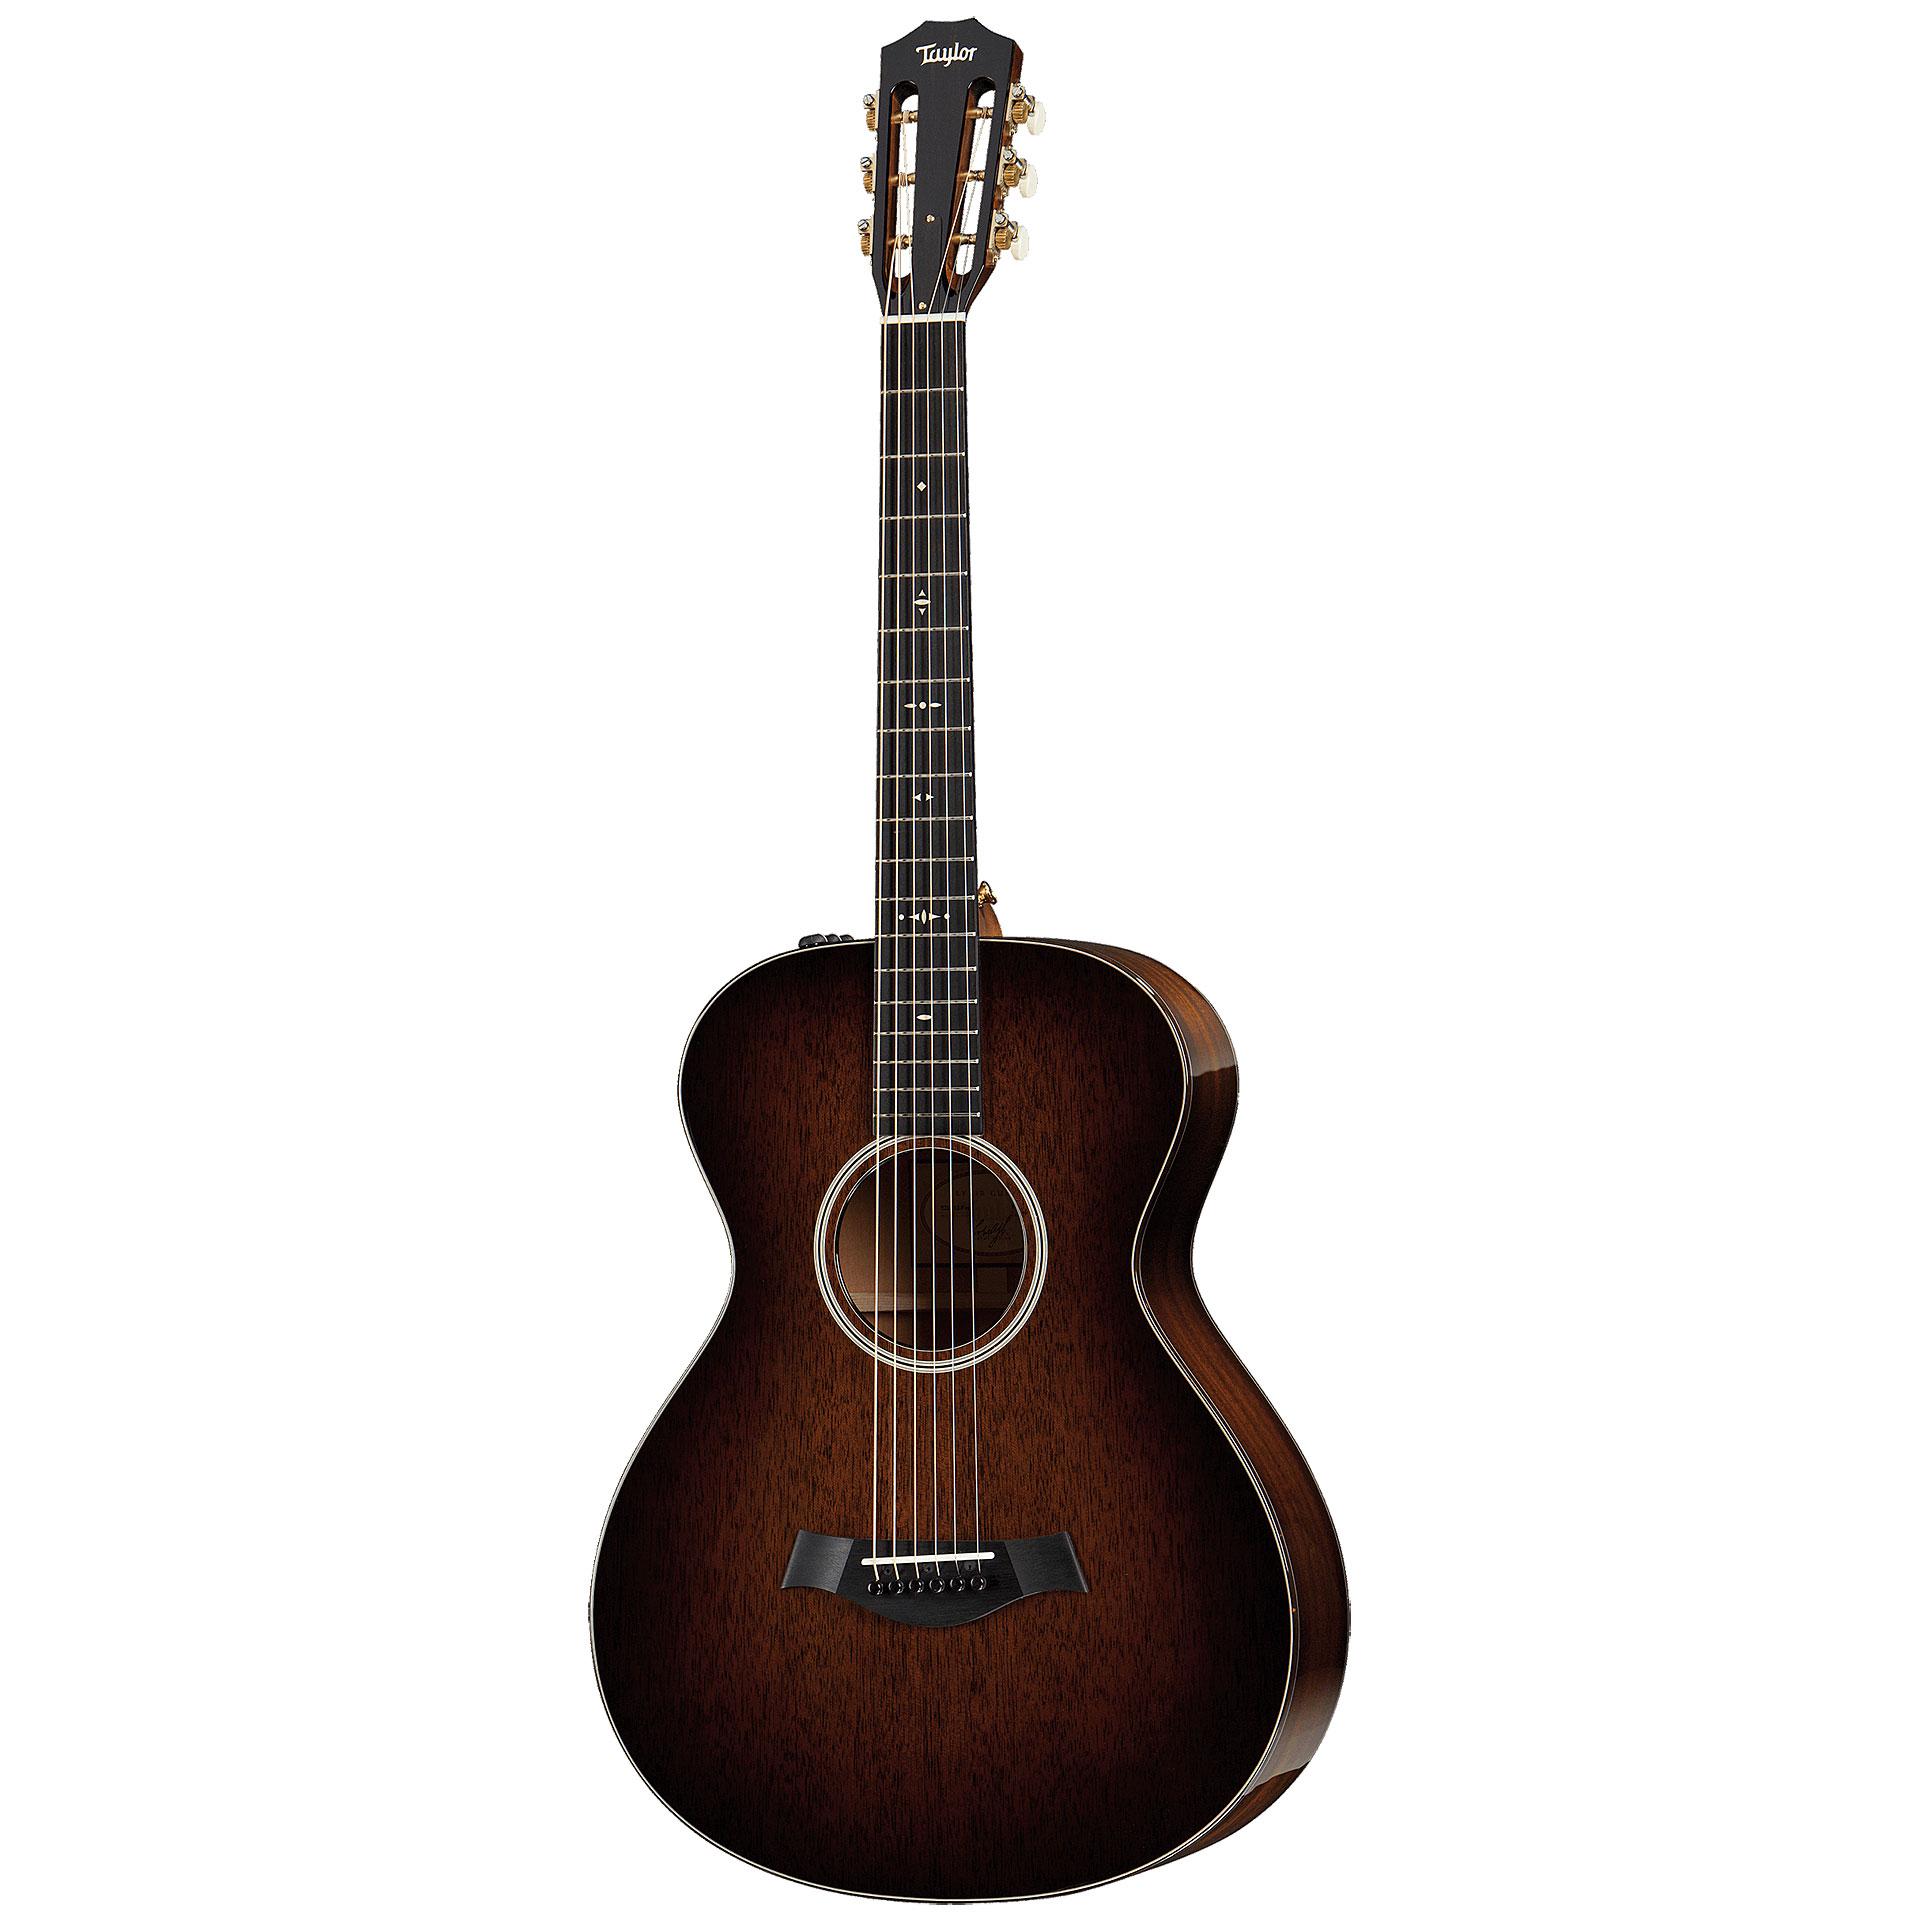 taylor 522e 12 fret acoustic guitar. Black Bedroom Furniture Sets. Home Design Ideas